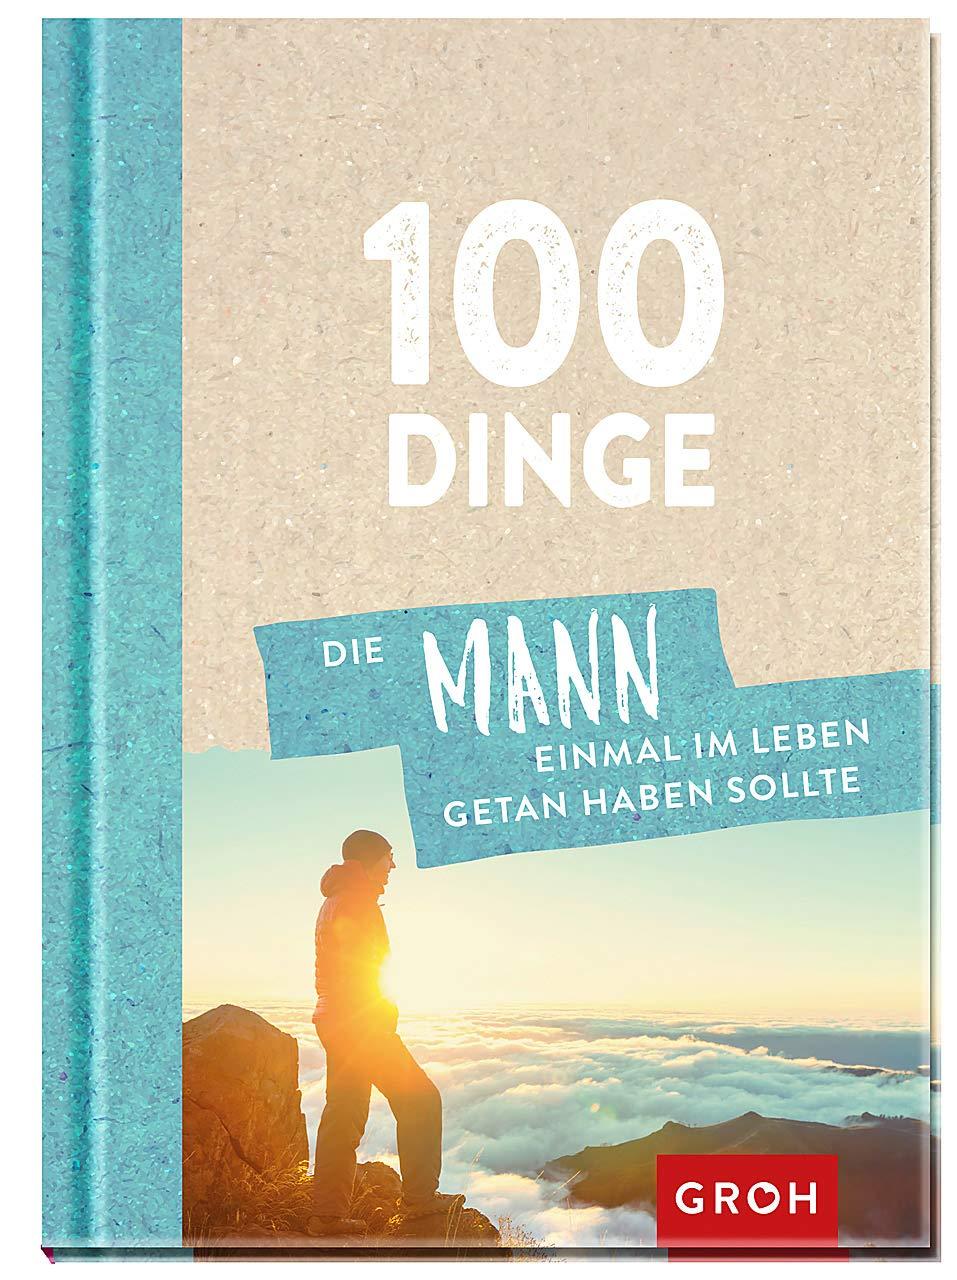 100 Dinge, die MANN getan haben sollte - Männergeschenk